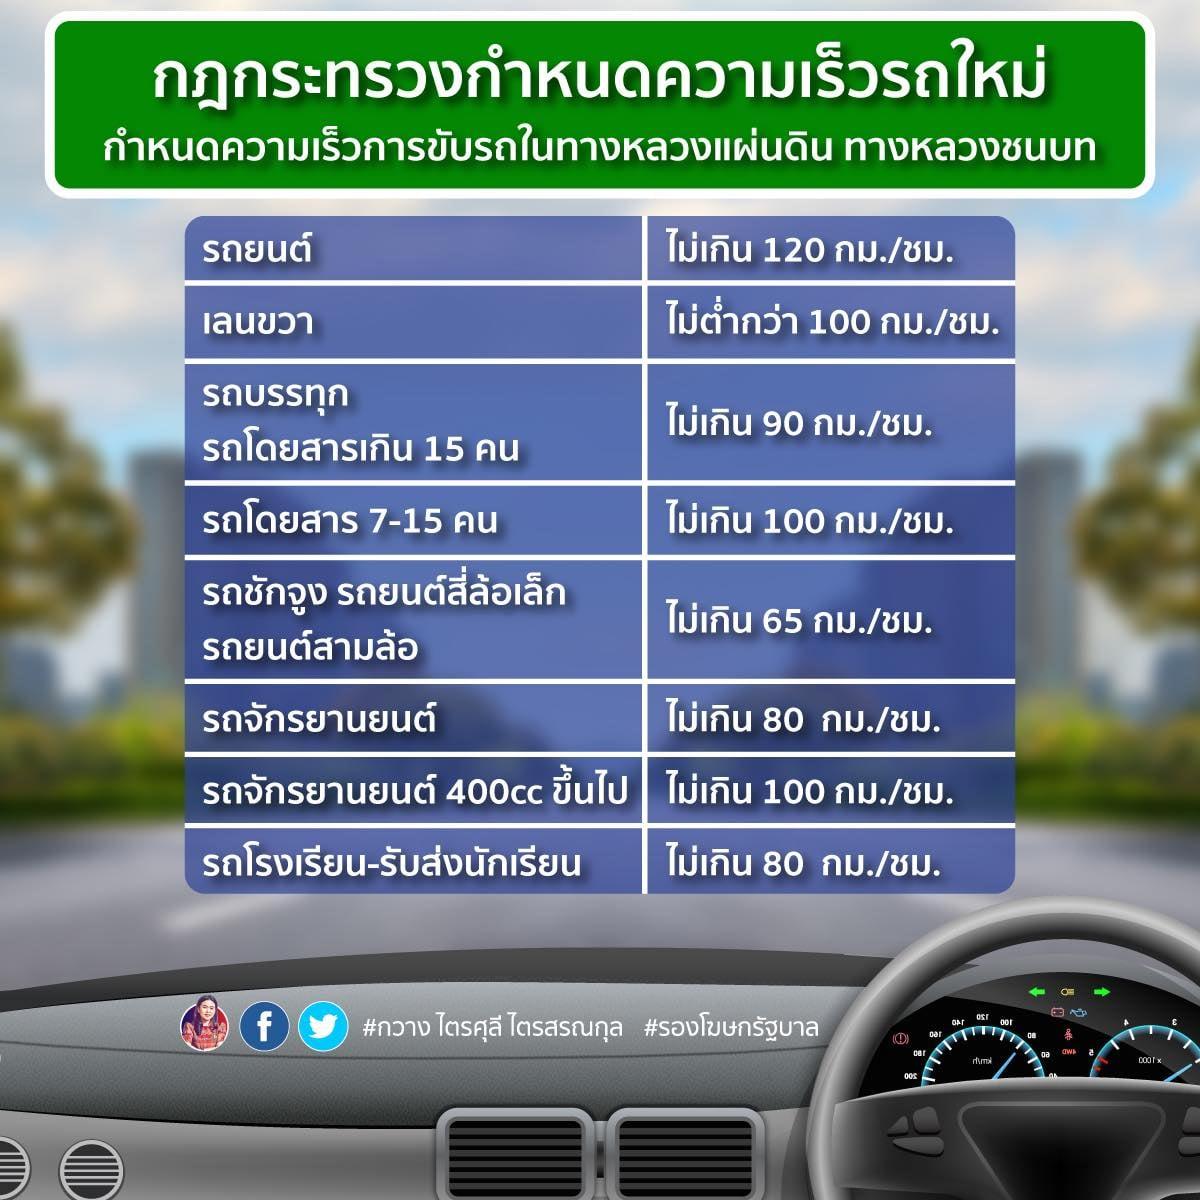 ราชกิจจานุเบกษา ประกาศกำหนดอัตราความเร็วรถใหม่